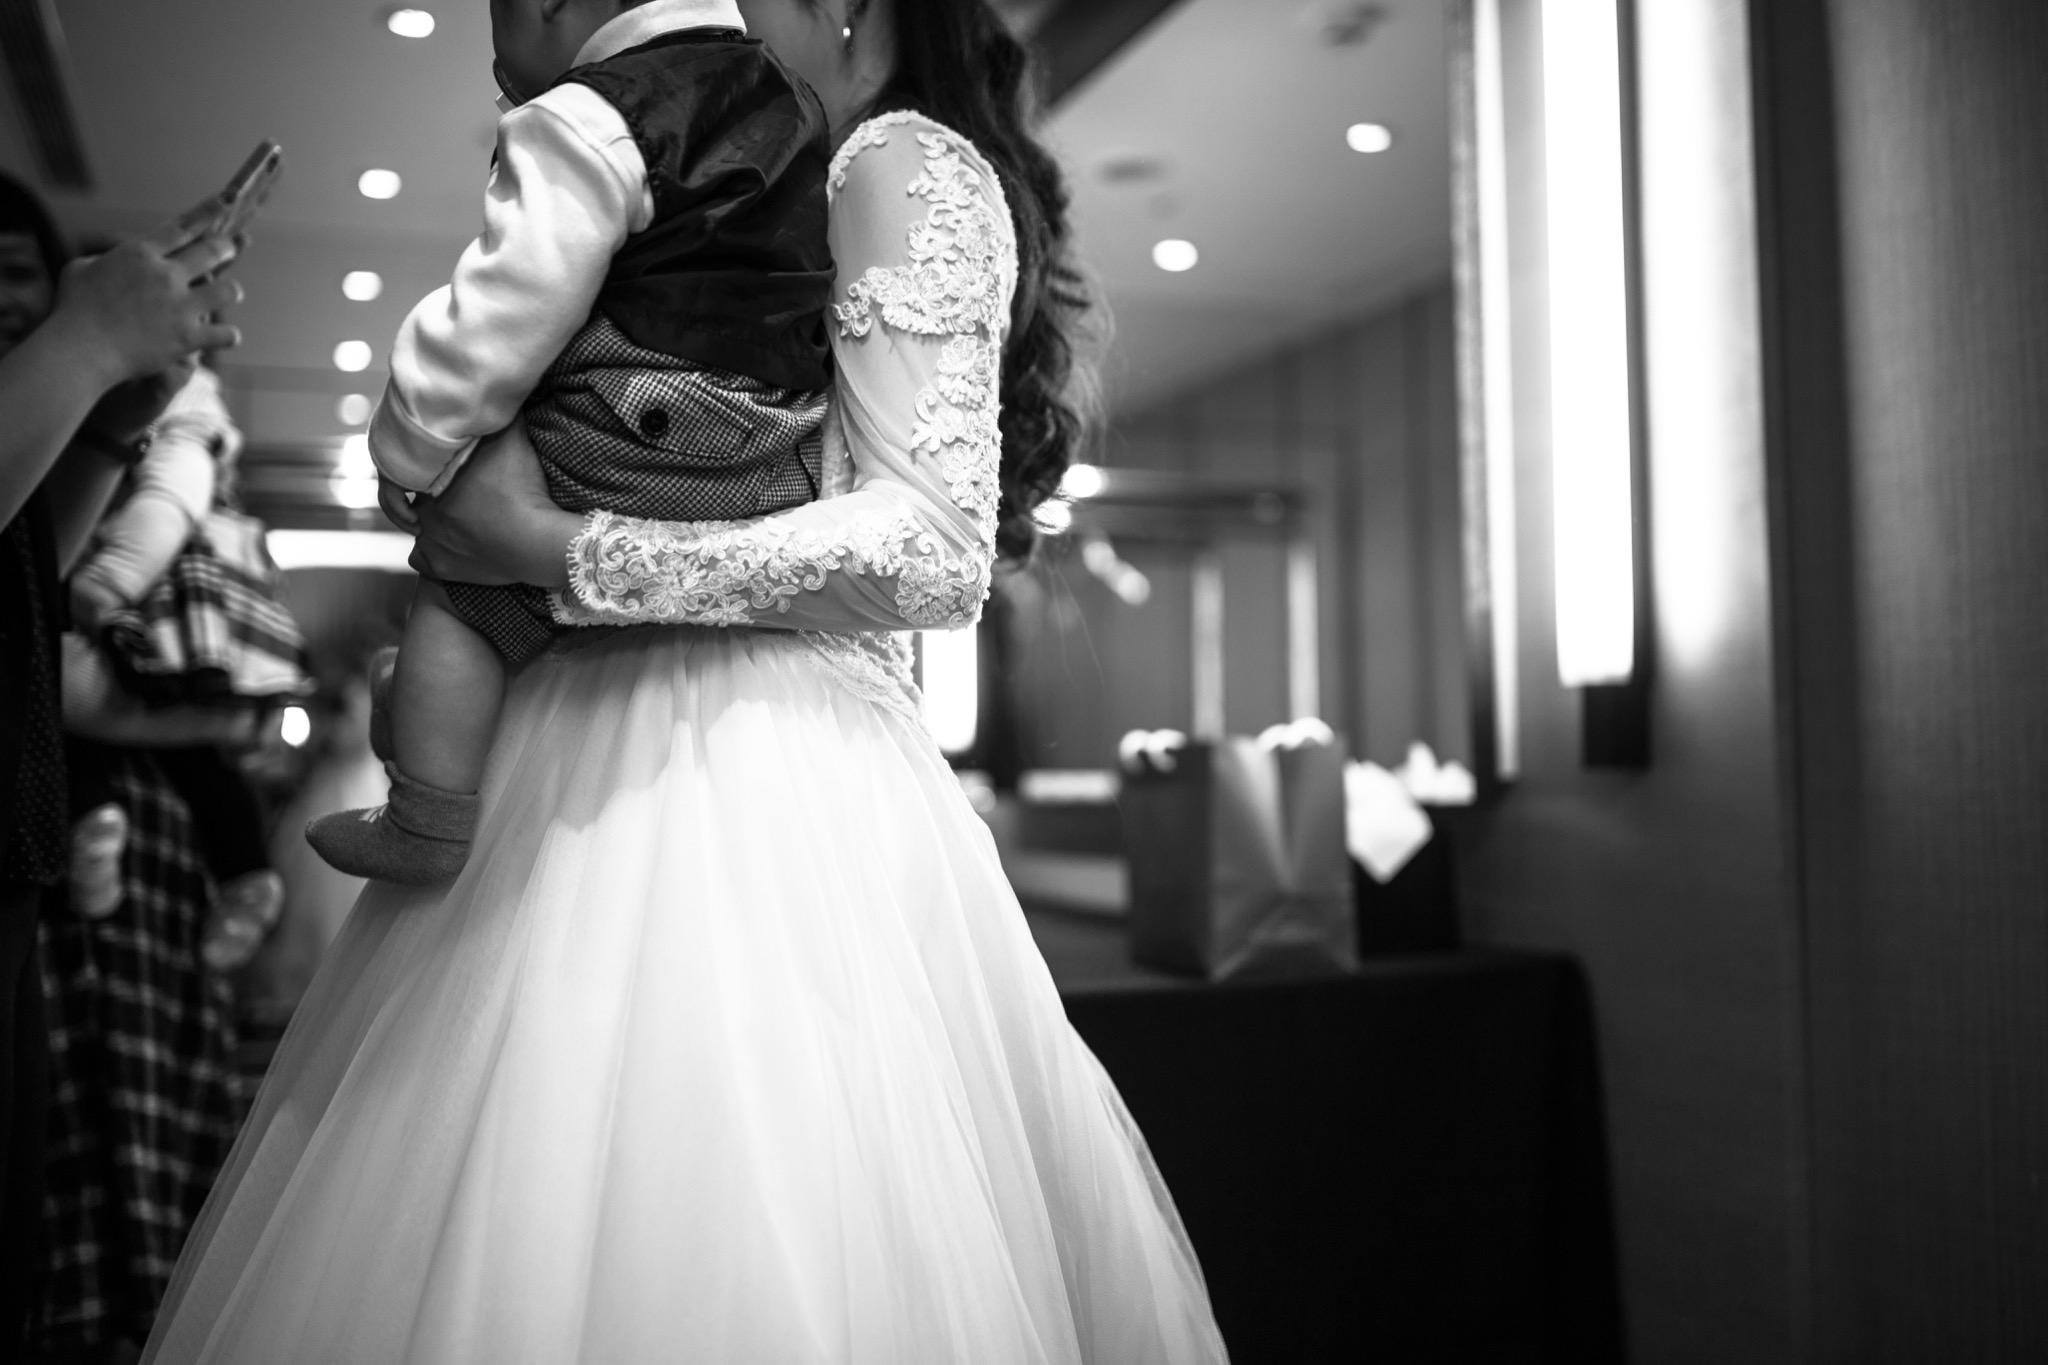 台北晶華酒店婚禮儀式,台中婚錄推薦40